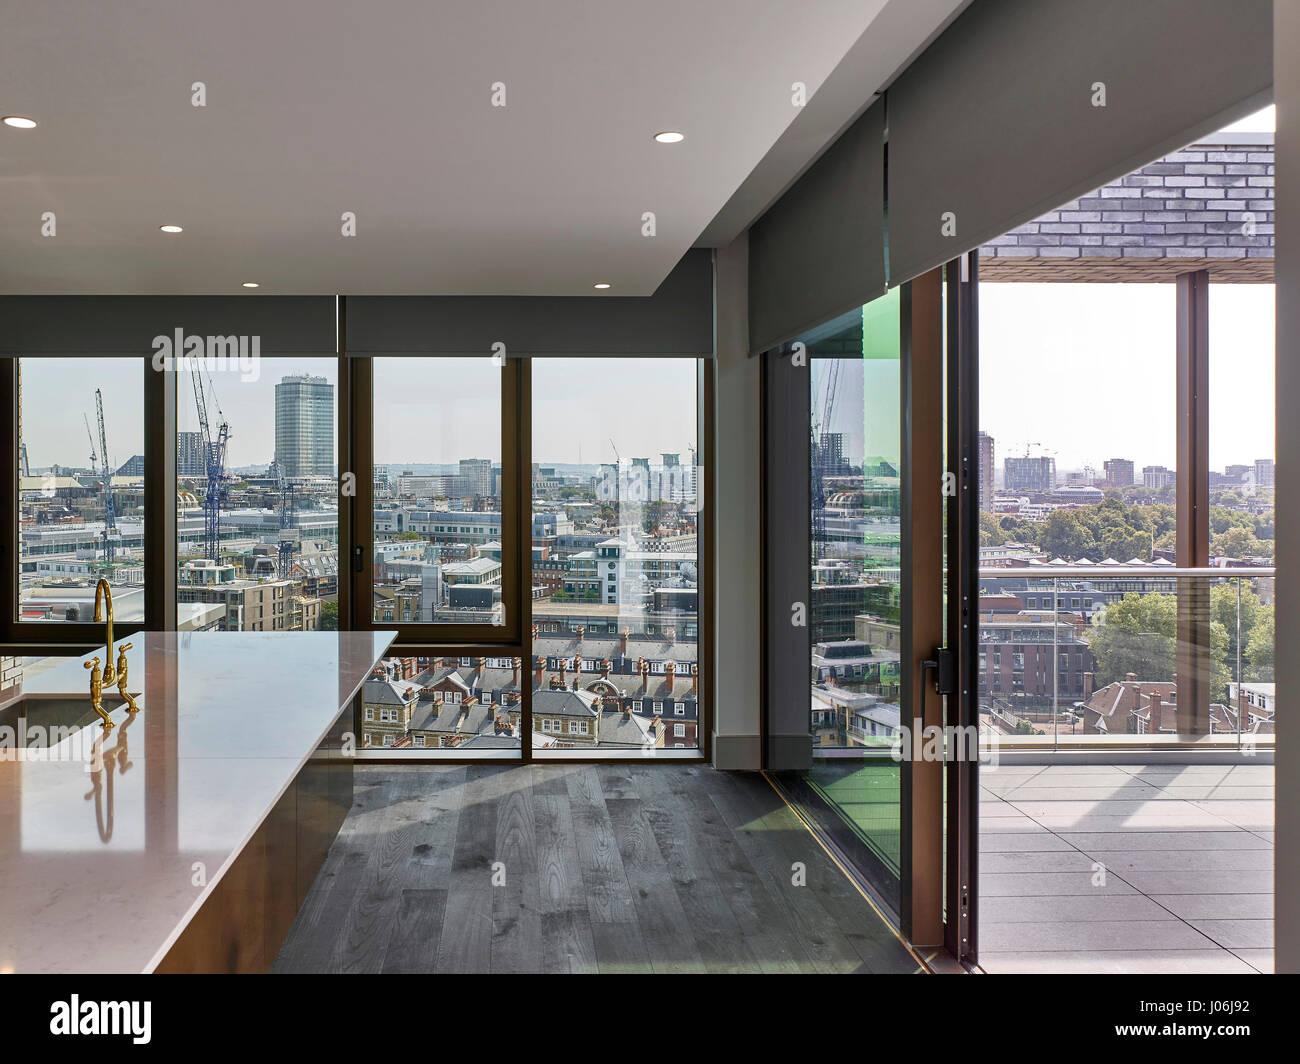 wohnung interieur stadt landschaft 55 victoria street london vereinigtes knigreich